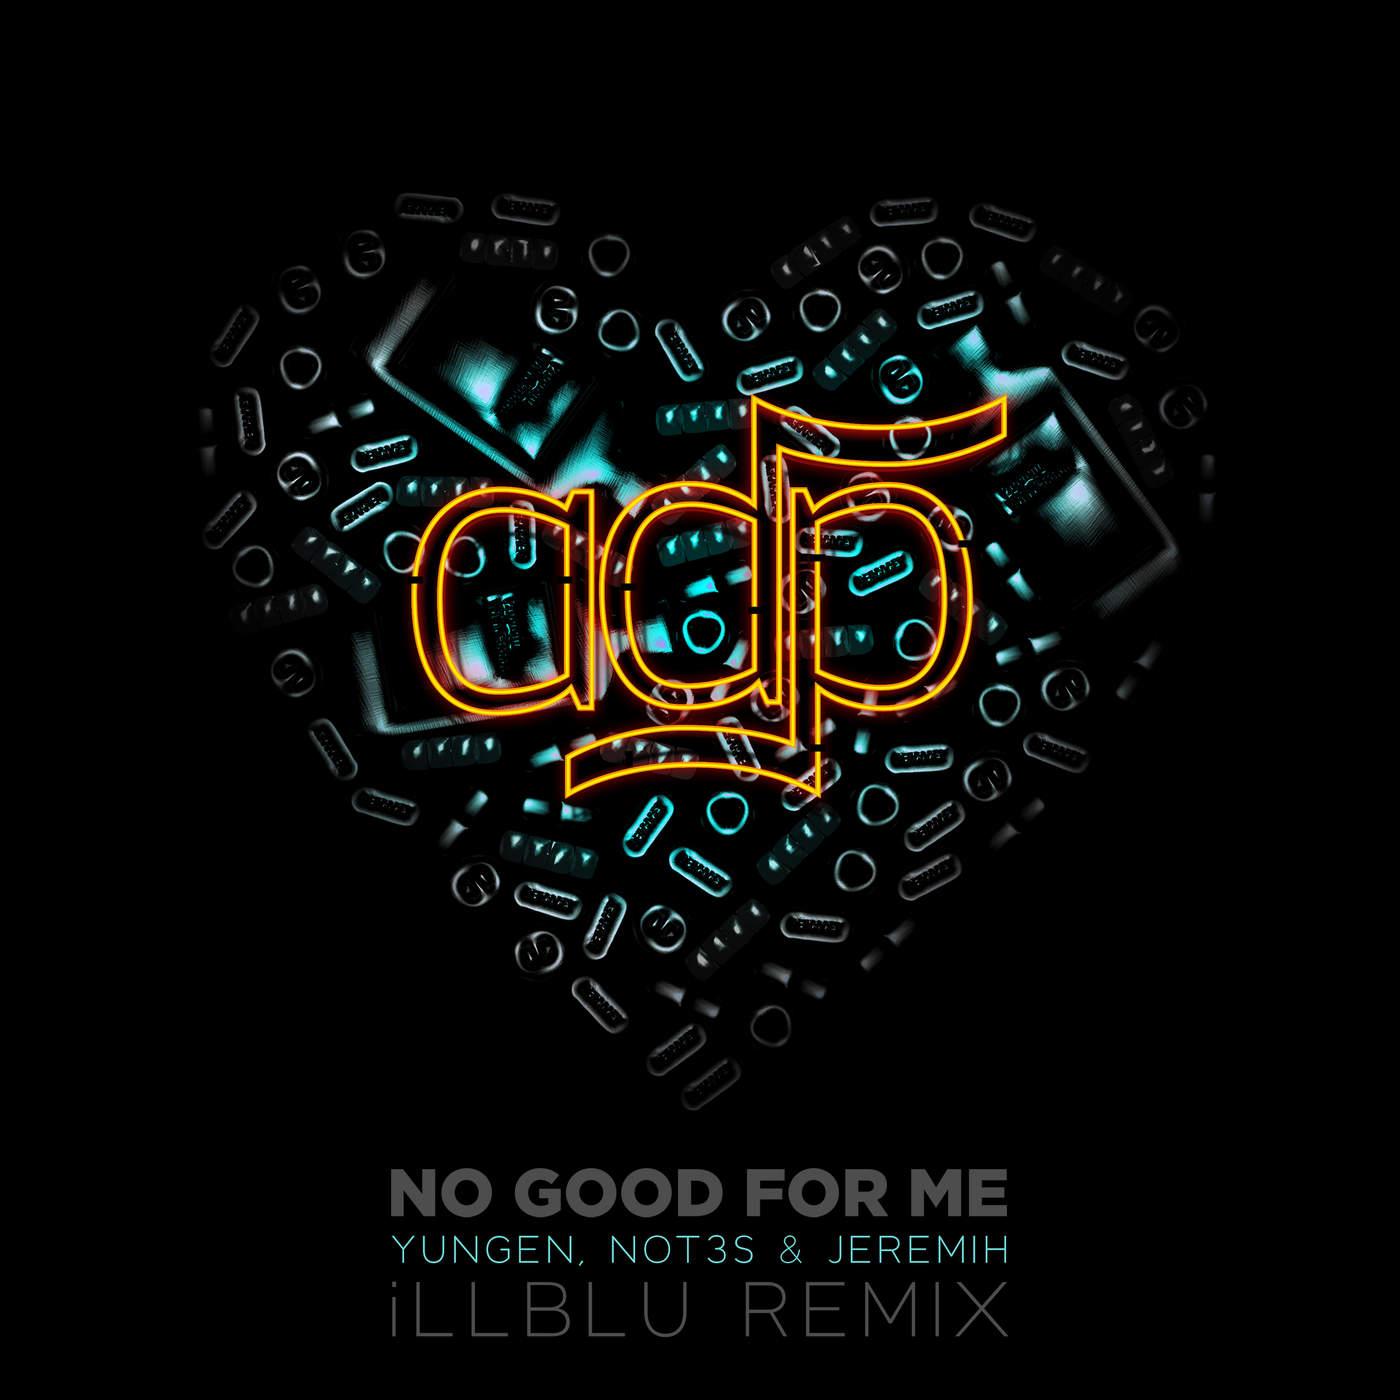 No Good For Me (iLL BLU Remix) (Single) - Nhiều nghệ sĩ